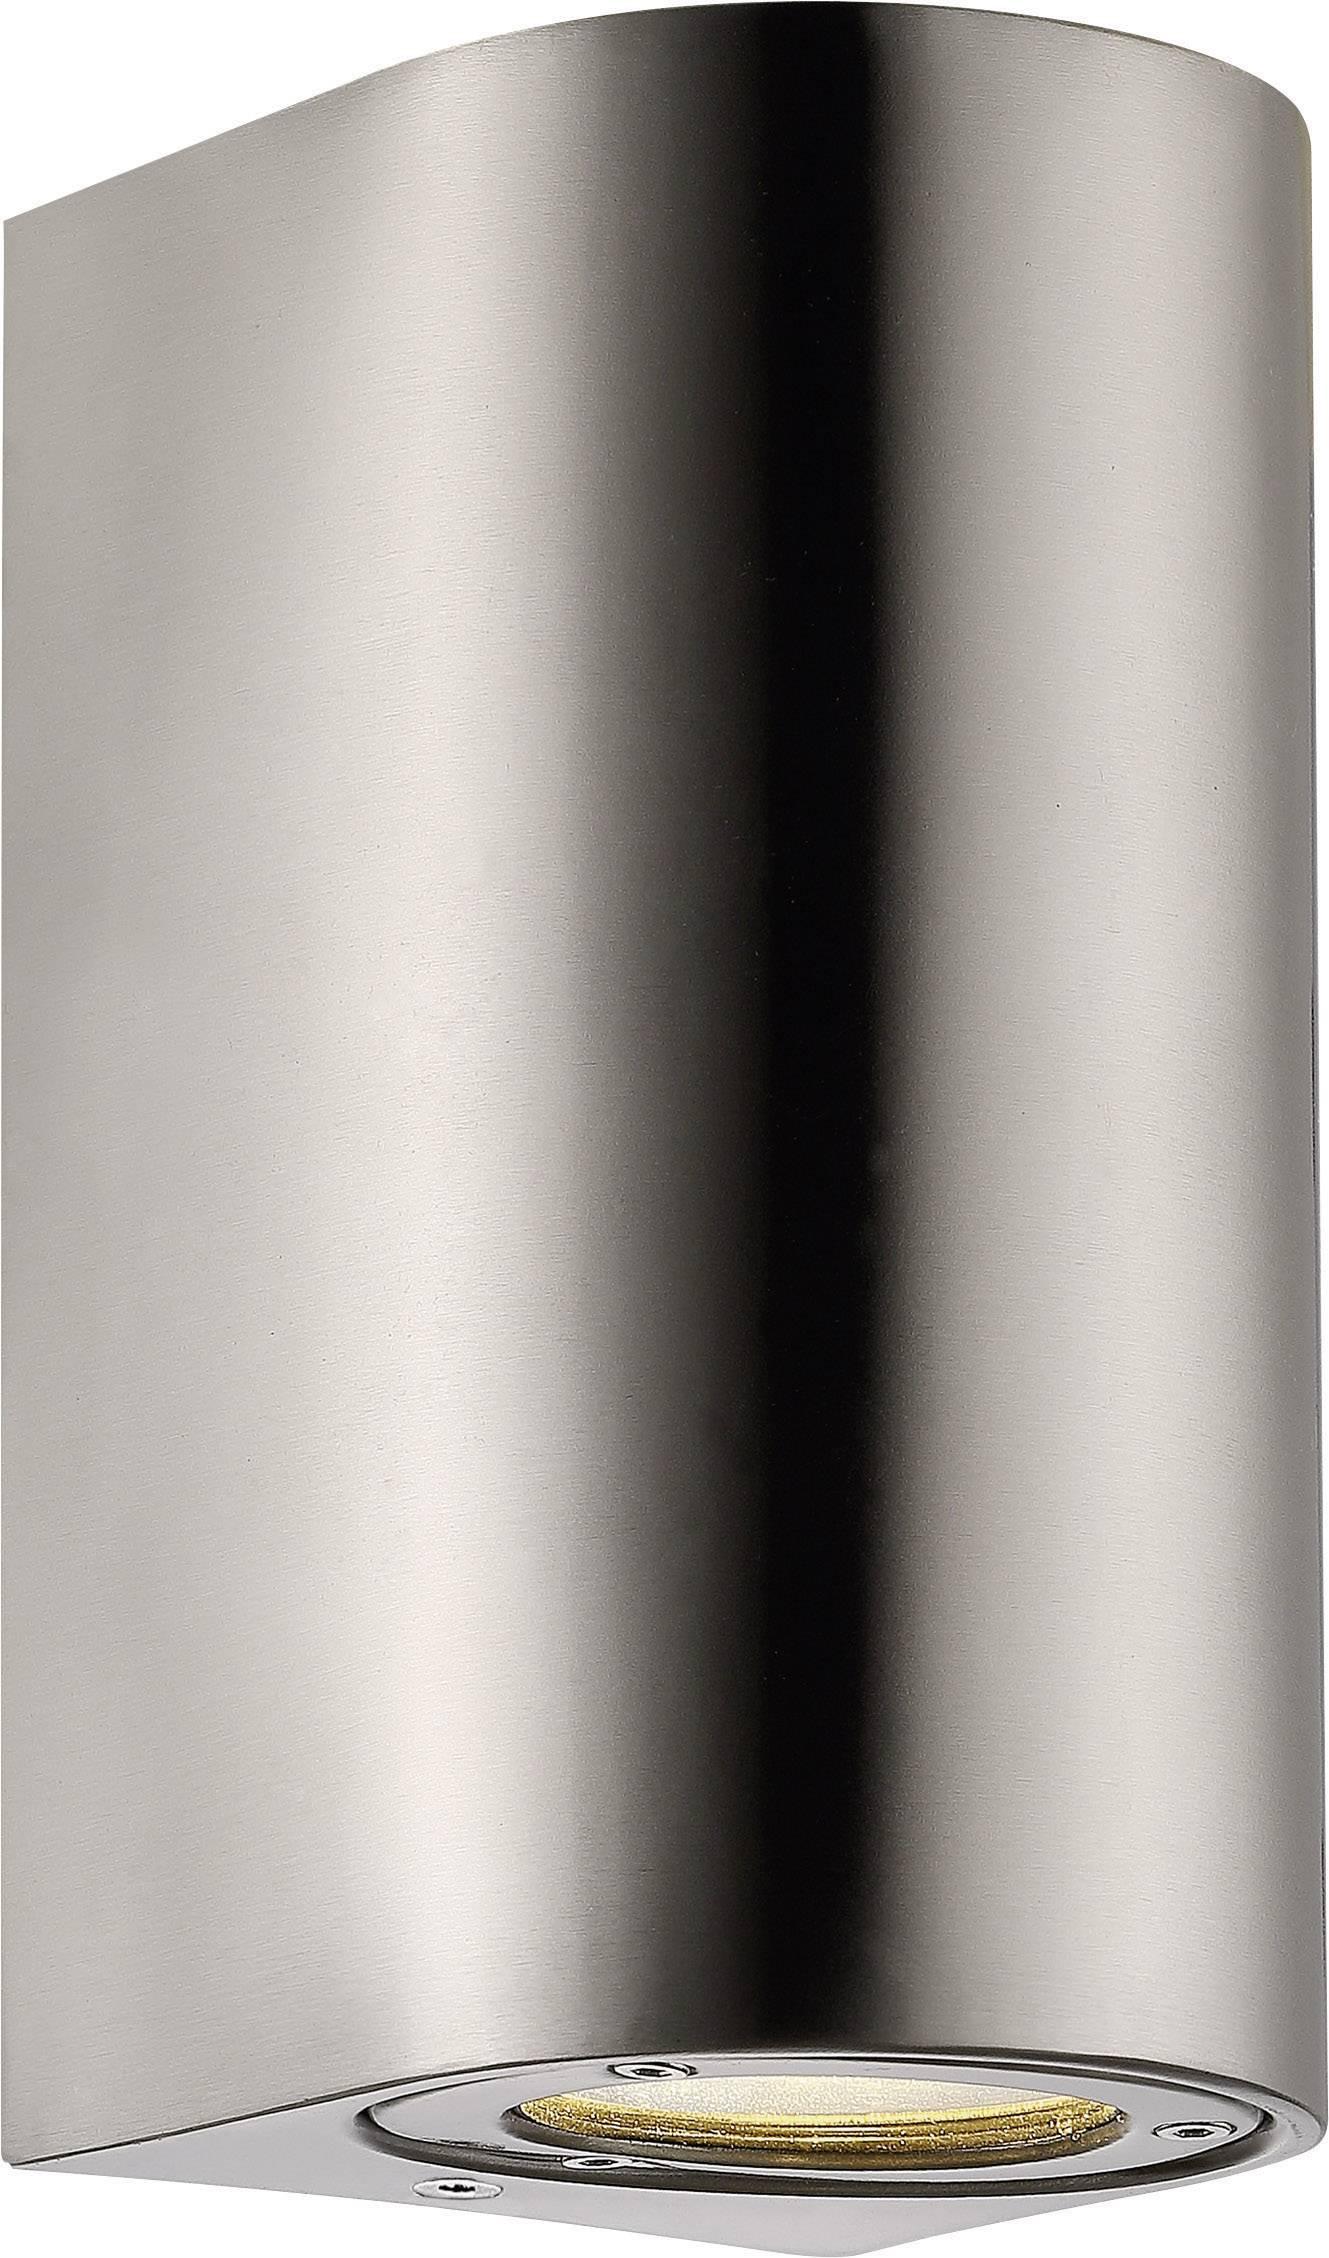 Vonkajšieosvetlenie Nordlux Canto Maxi 77561034, GU10, 70 W, hliník, nerezová oceľ